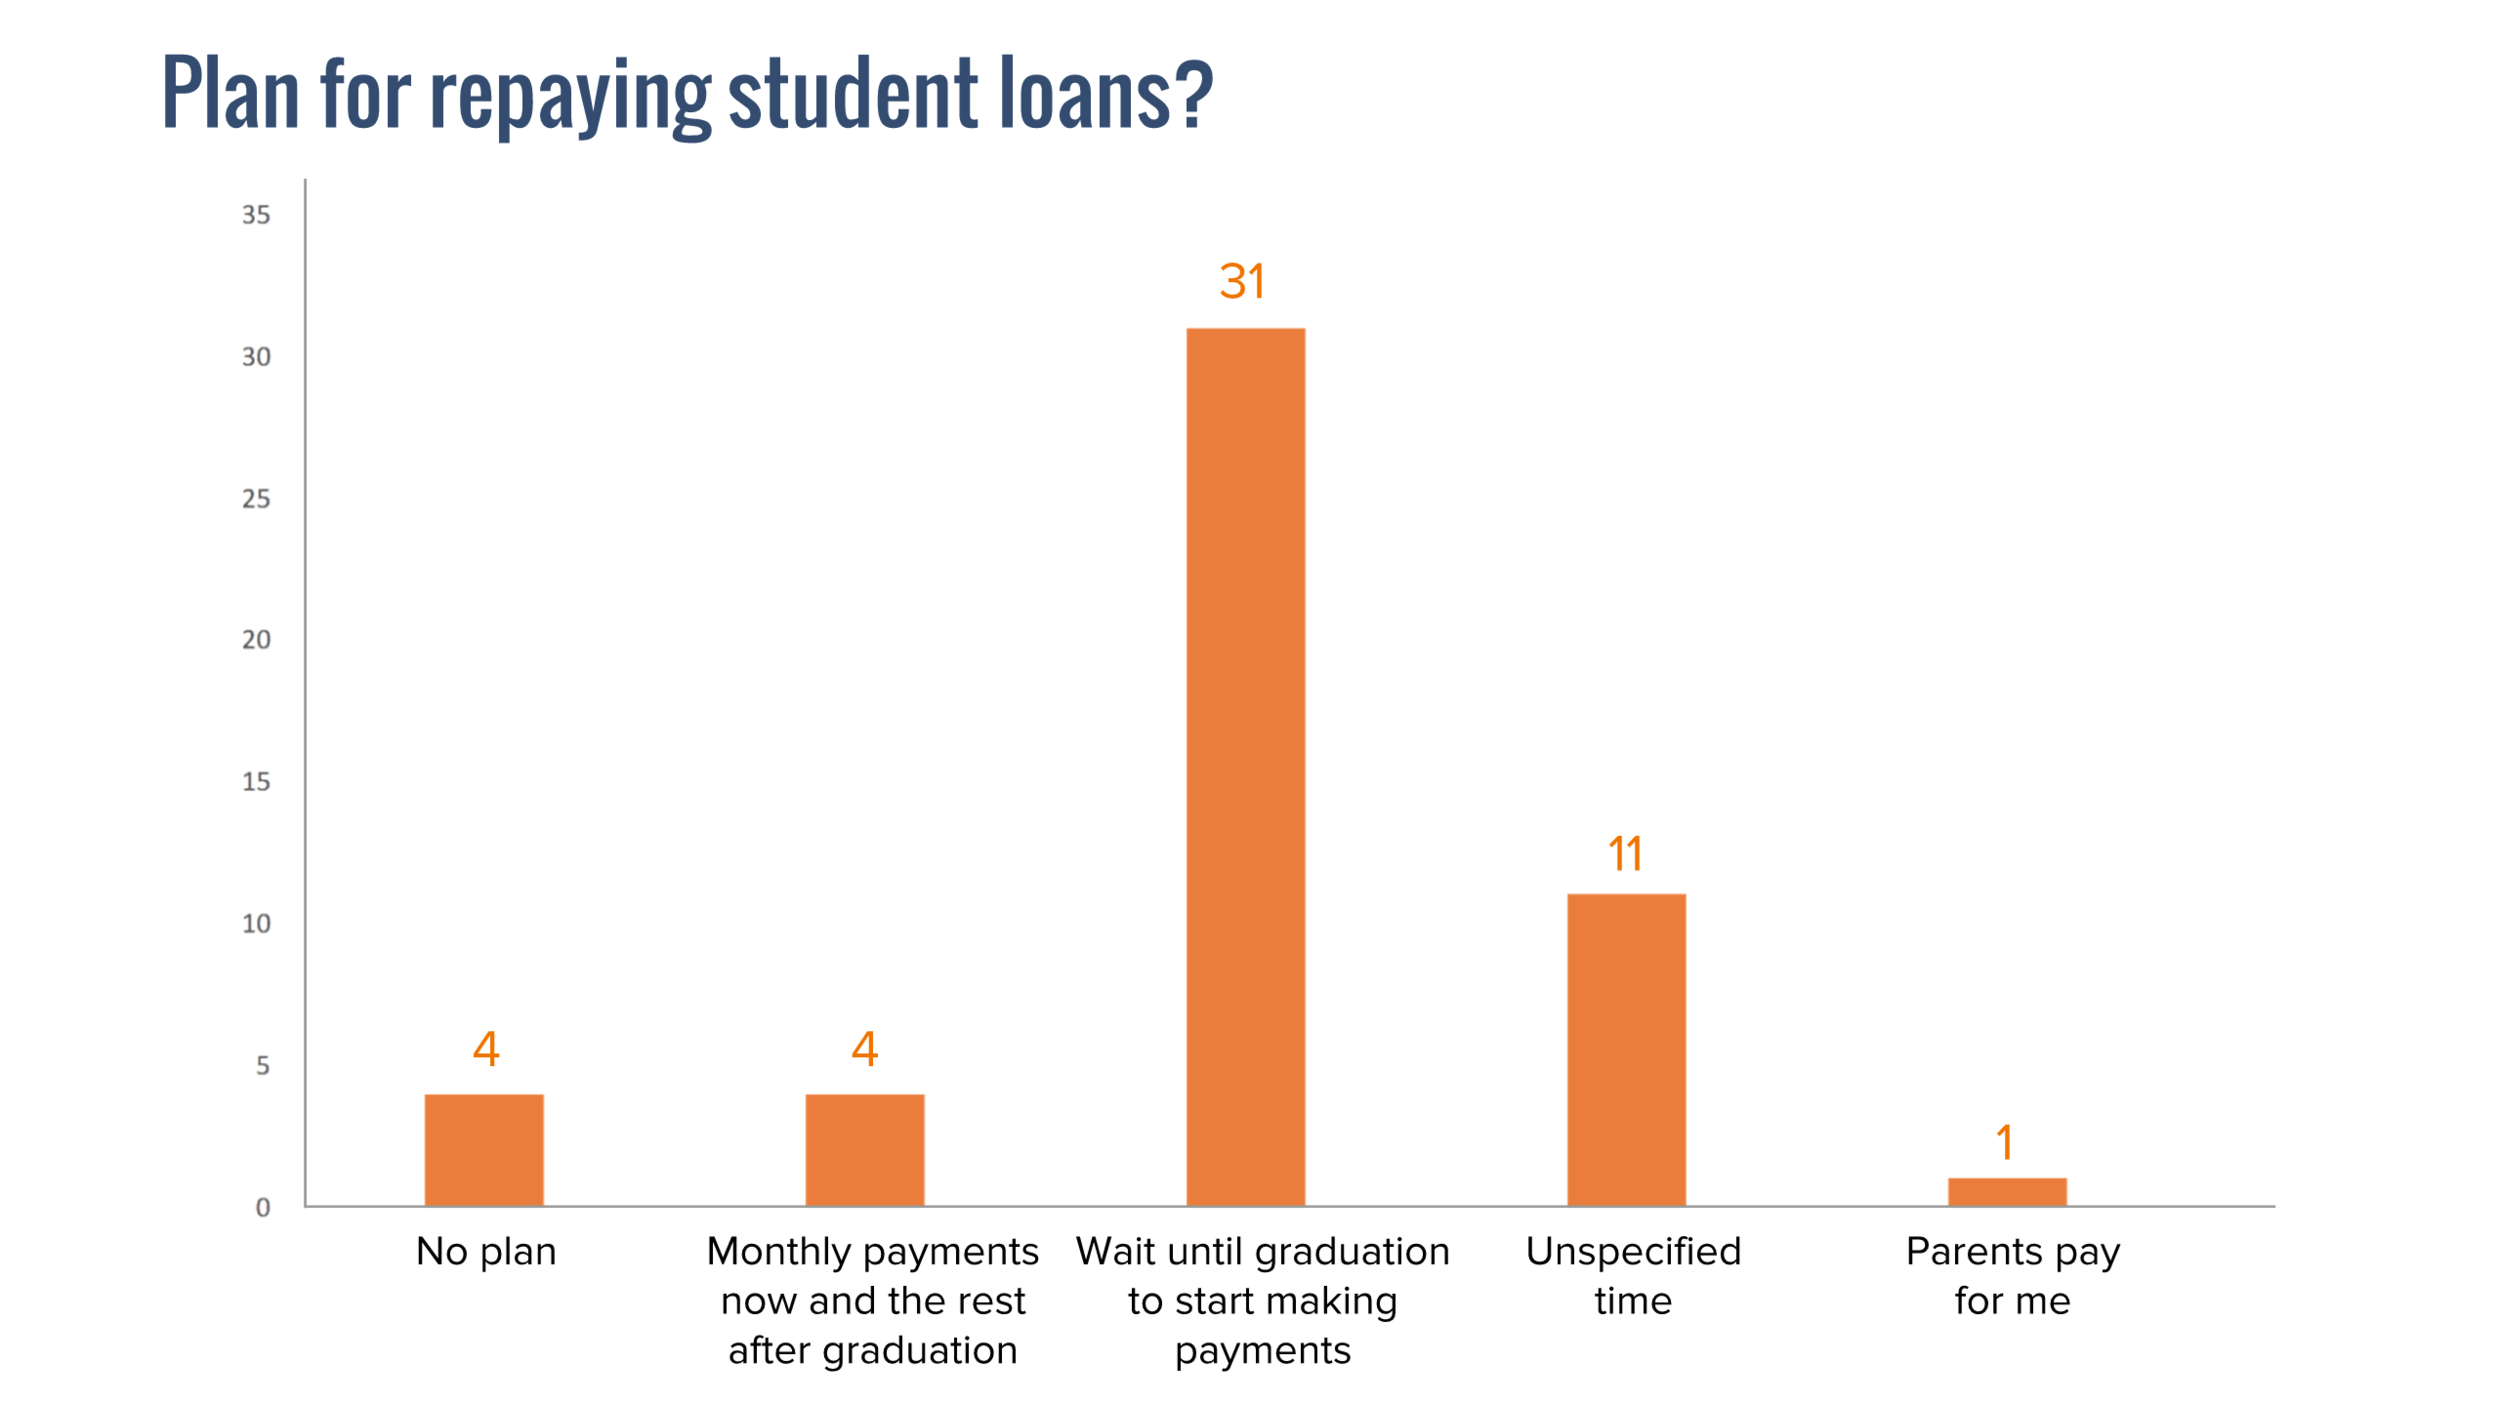 survey-loanplan.png